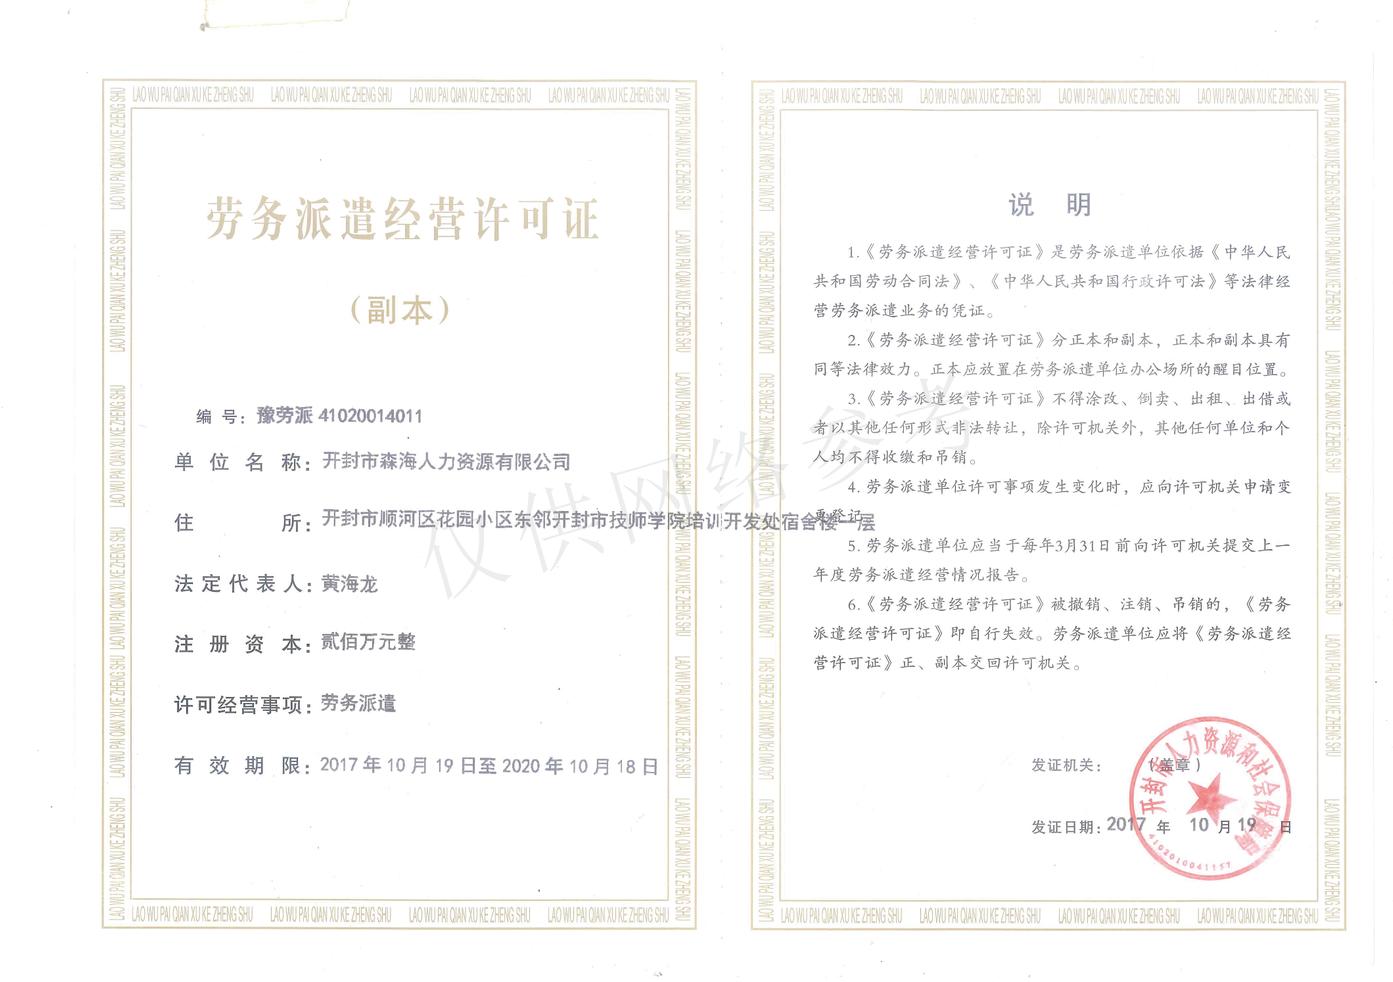 【資質】開封市森海人力資源有限公司勞務派遣經營許可證